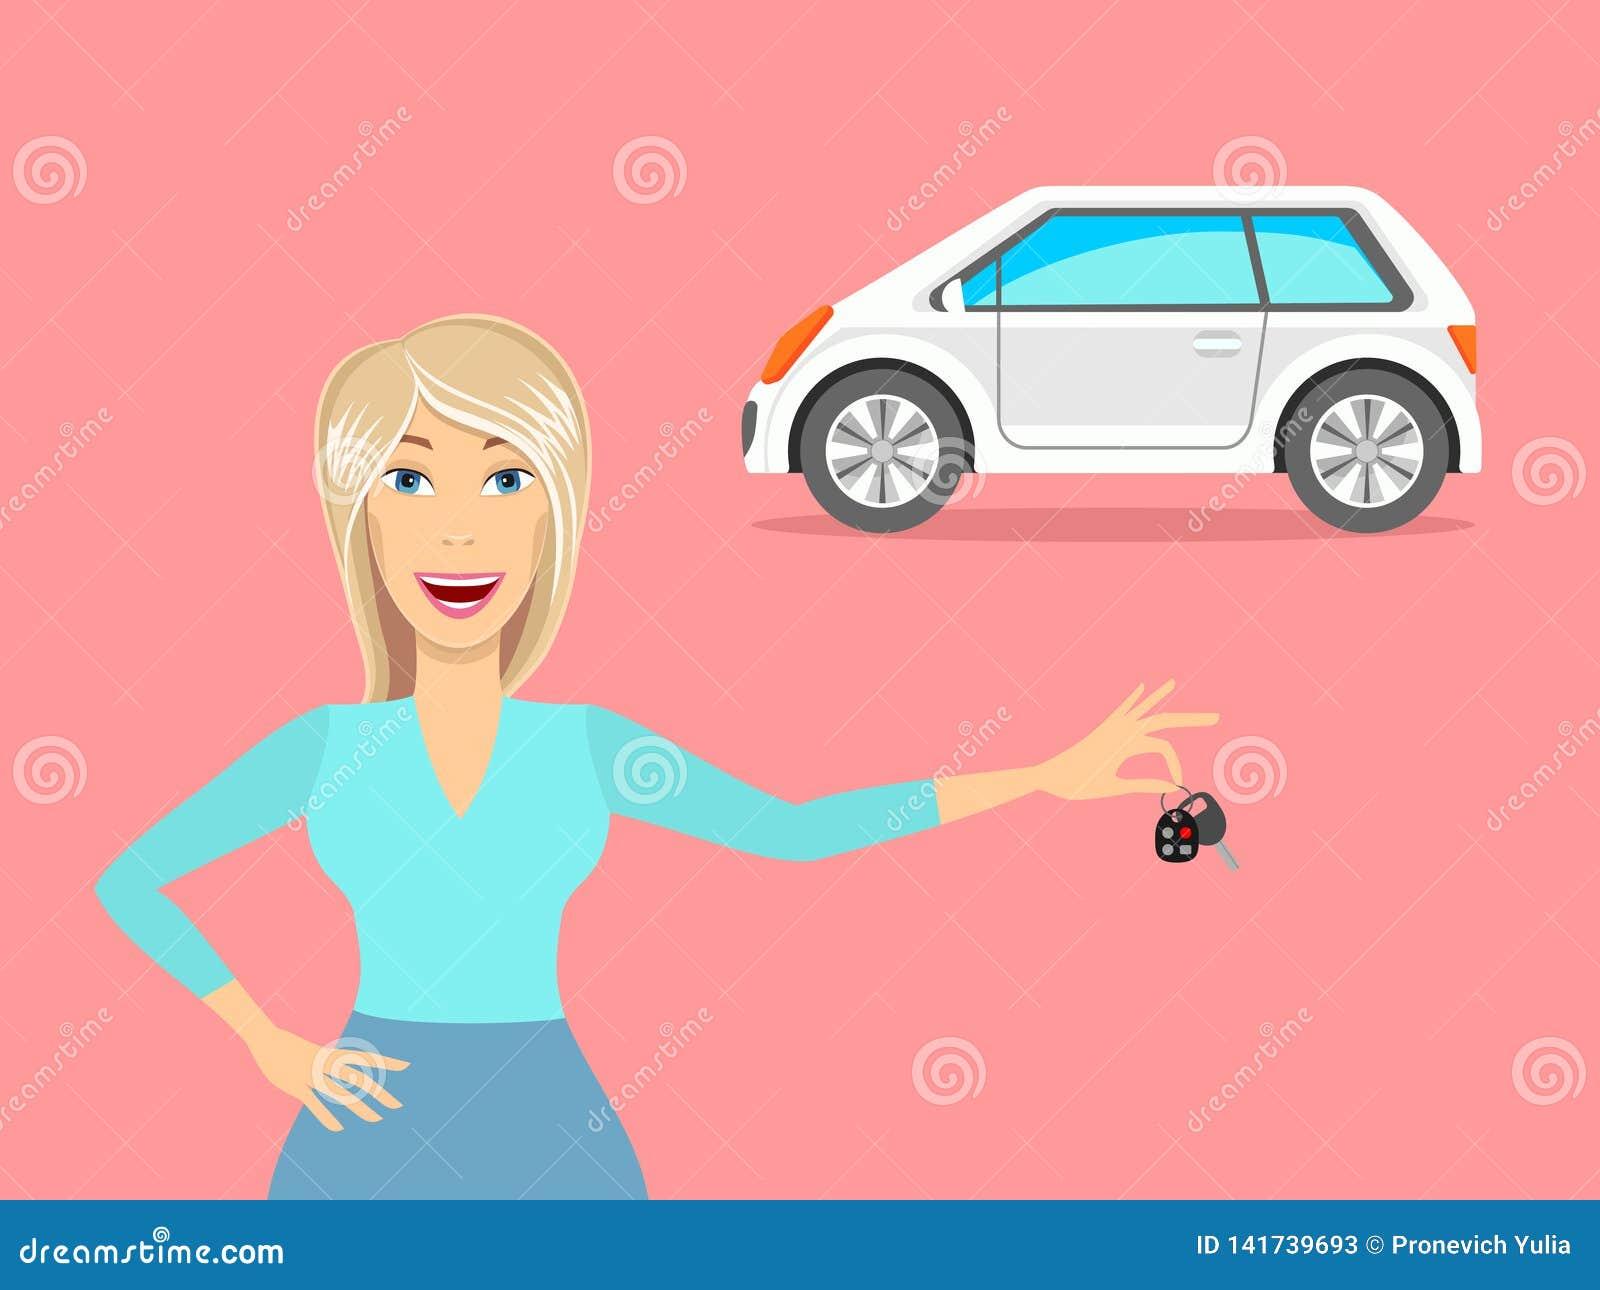 Μια γυναίκα και ένα αυτοκίνητο Μια γυναίκα που οδηγεί ένα αυτοκίνητο διάνυσμα